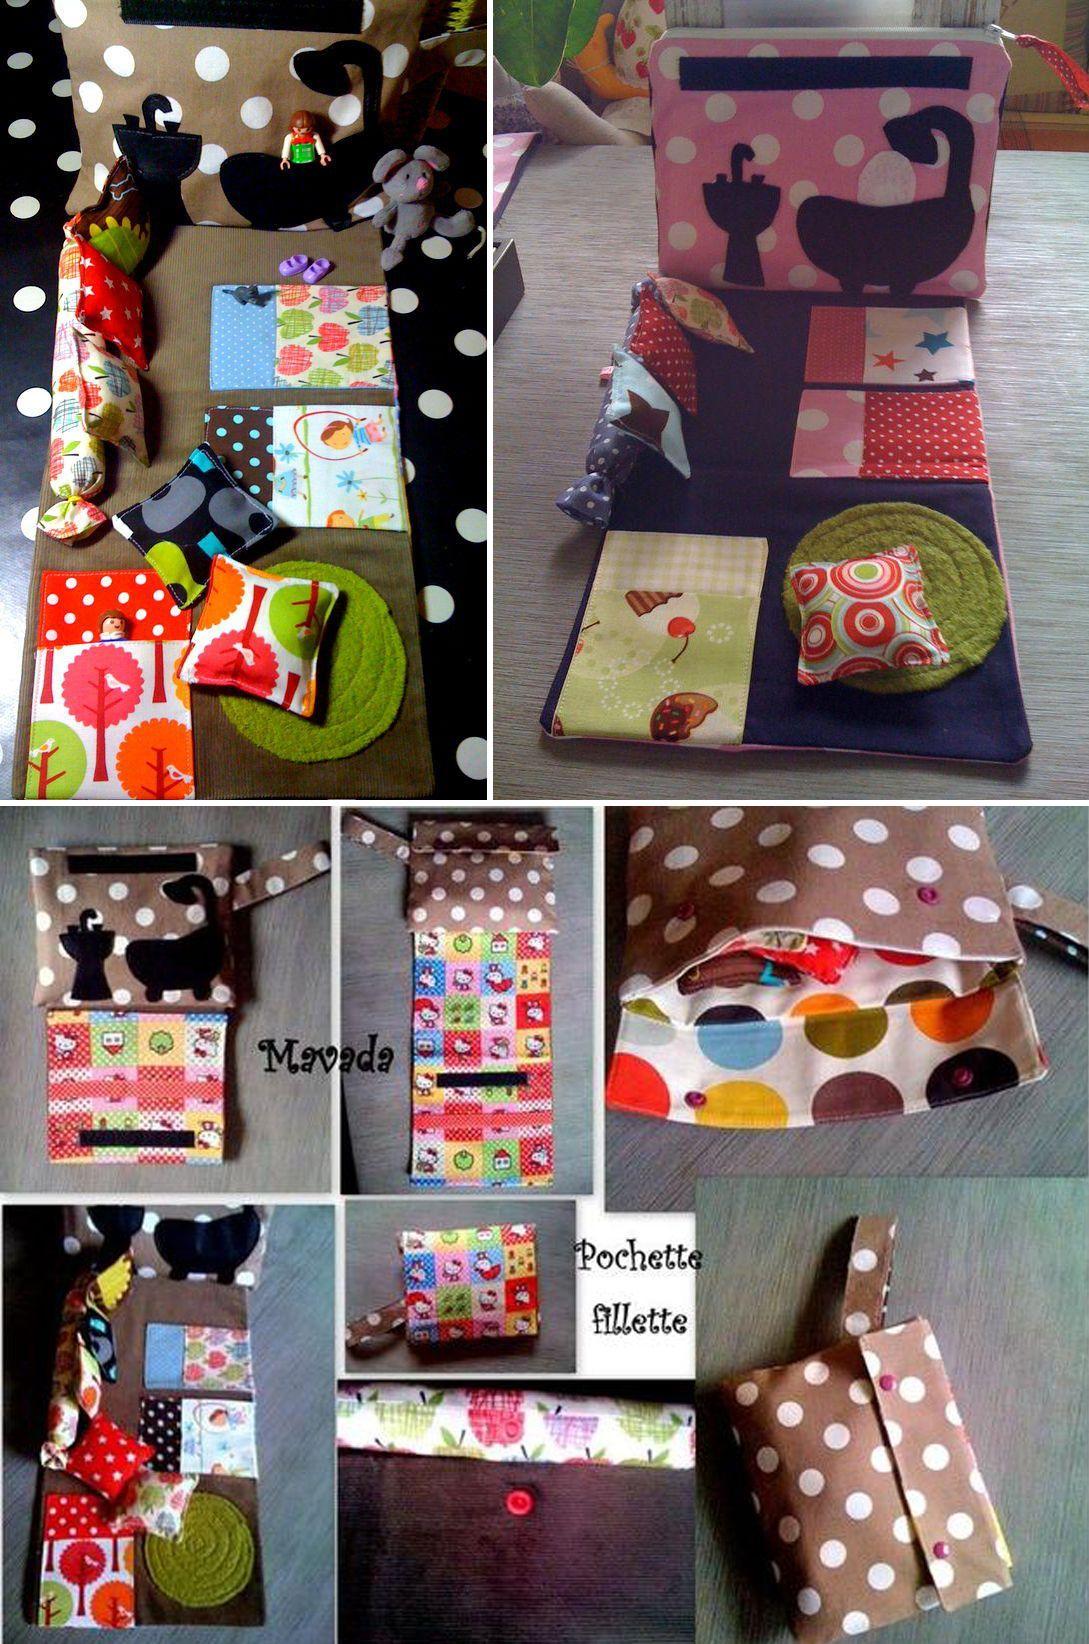 trousse de voyage pour poup e couture bricolage pinterest trousses de voyage voyages. Black Bedroom Furniture Sets. Home Design Ideas